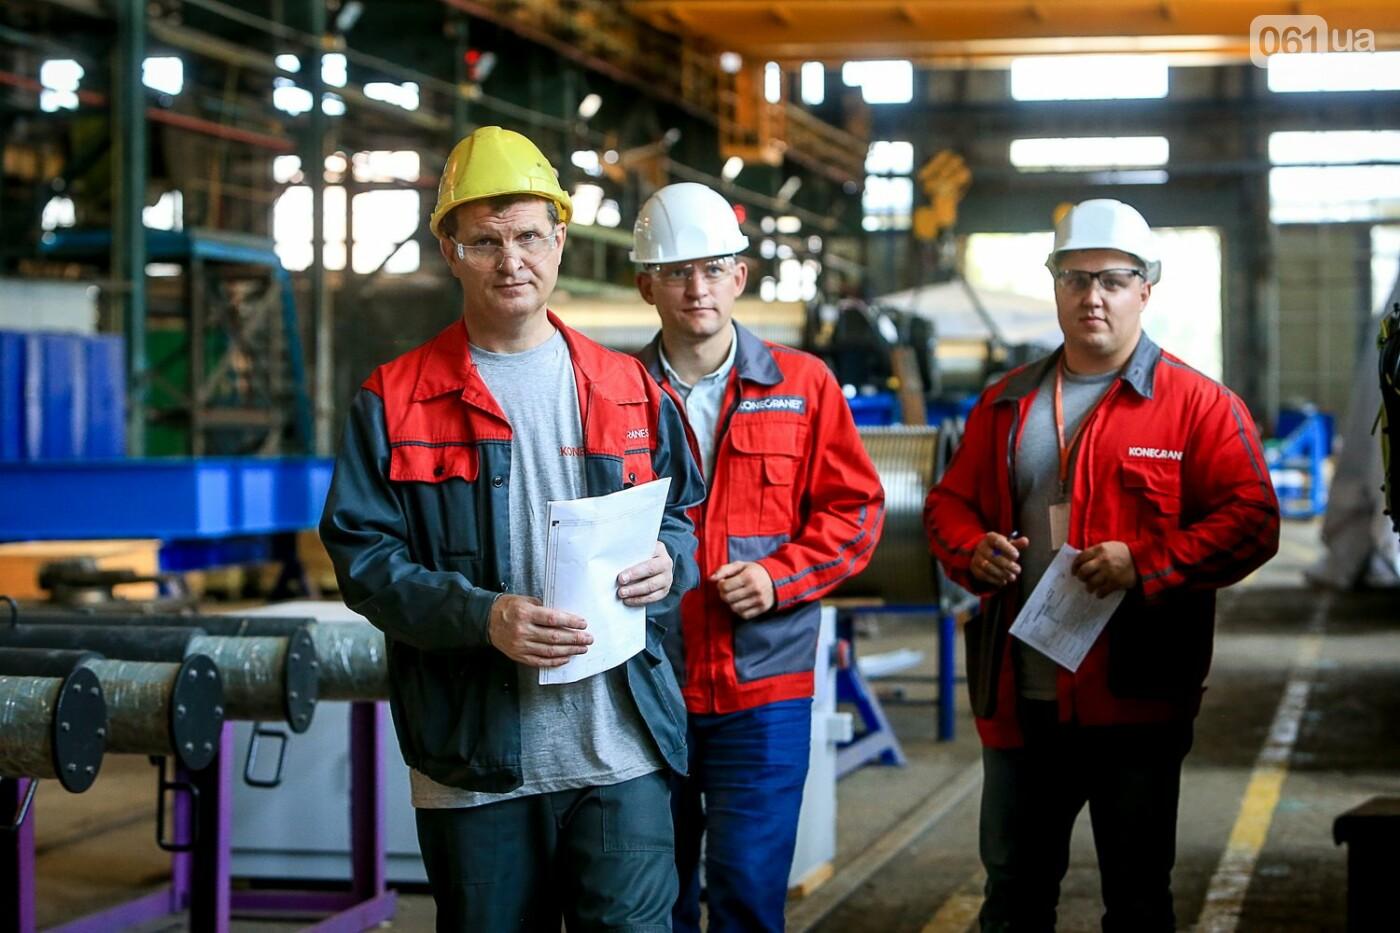 Как в Запорожье работает крупнейший в Европе завод по производству кранов: экскурсия на производство, — ФОТОРЕПОРТАЖ, фото-71